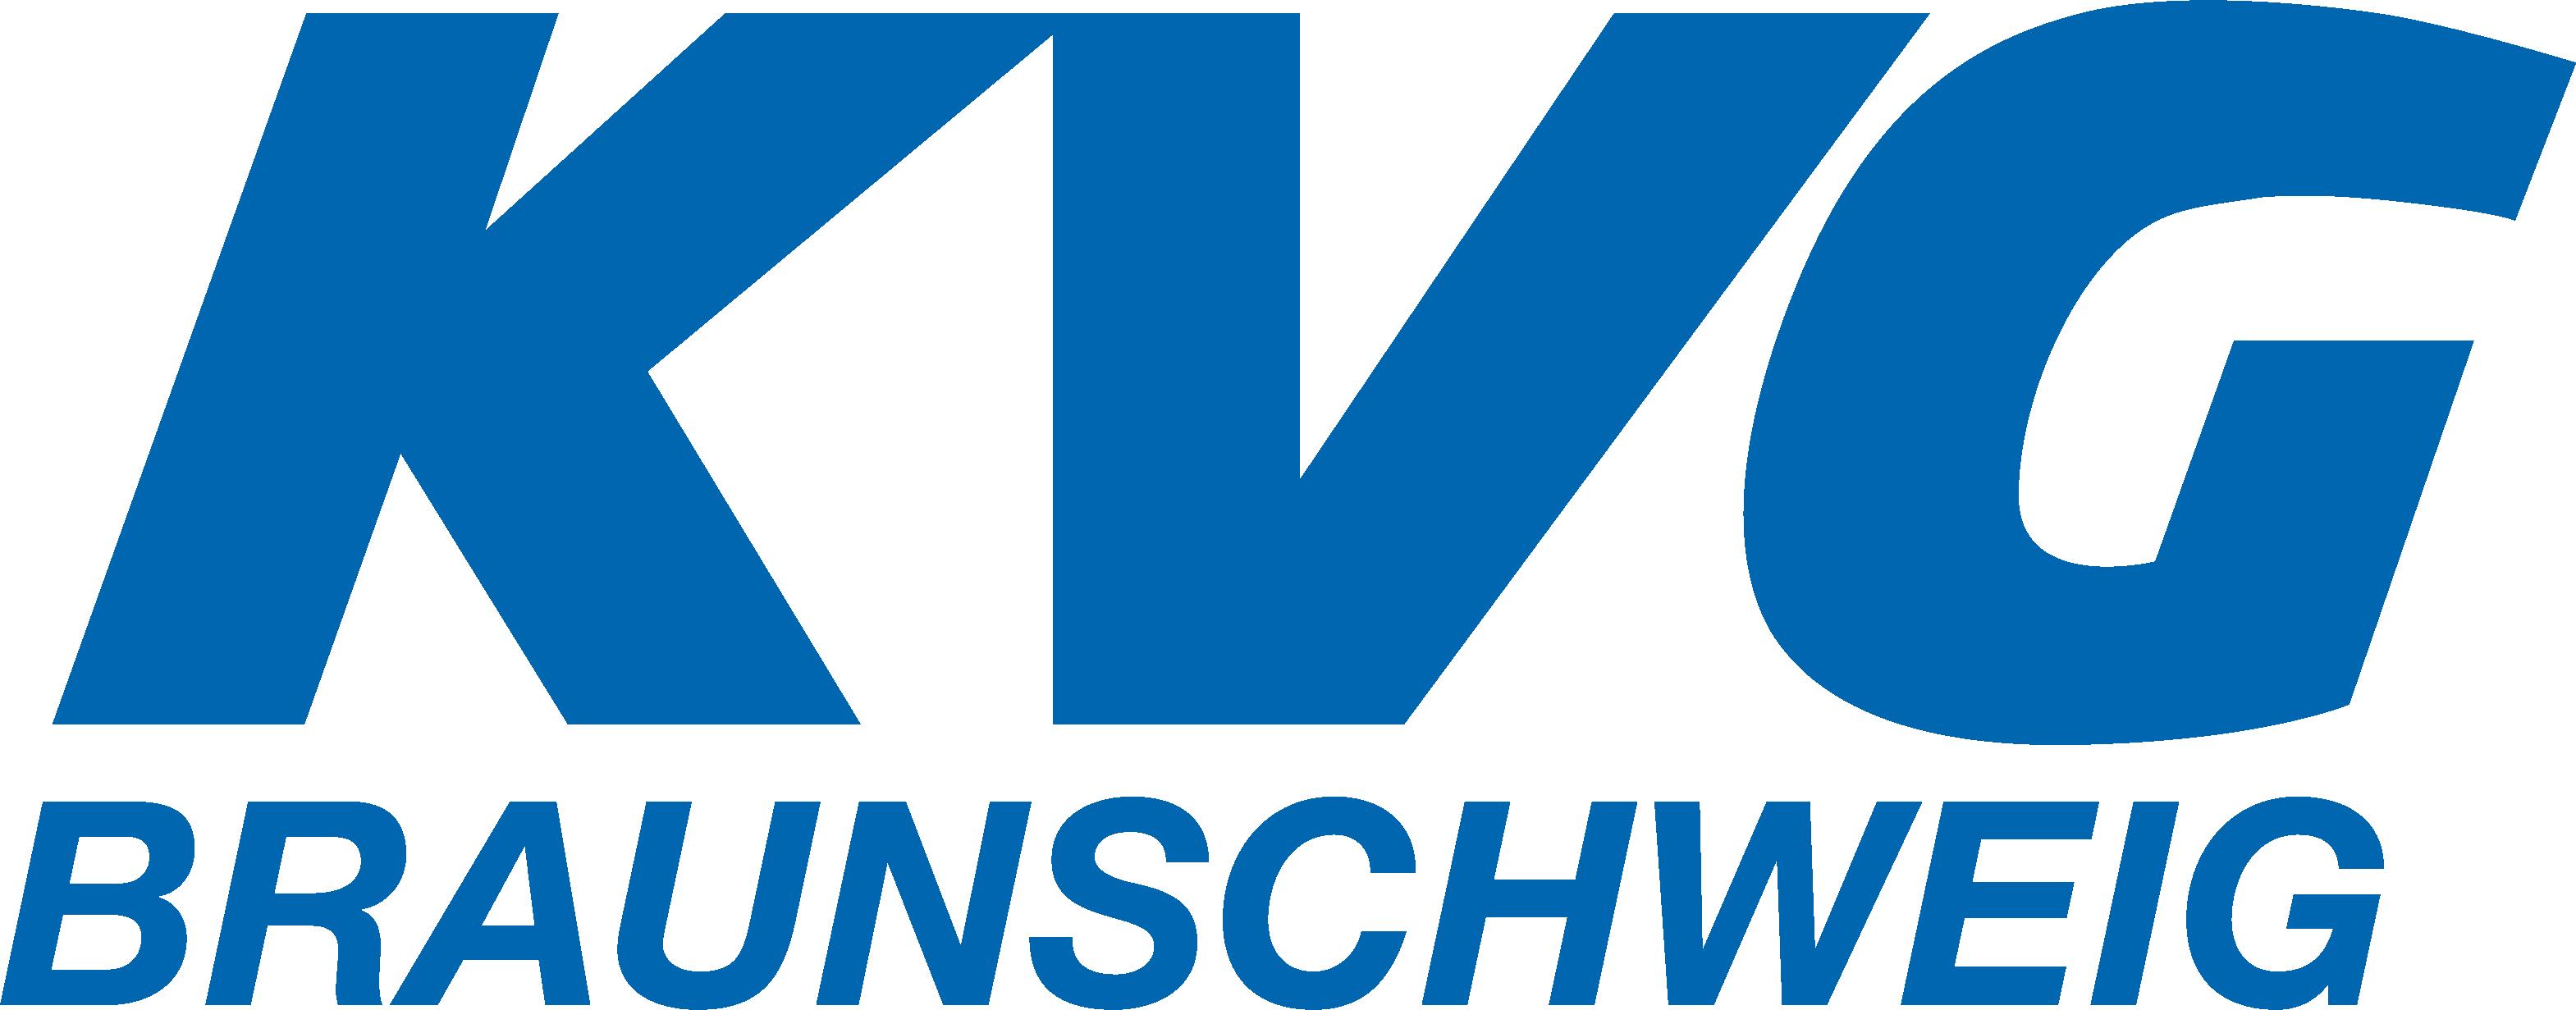 Logo KVG Braunschweig